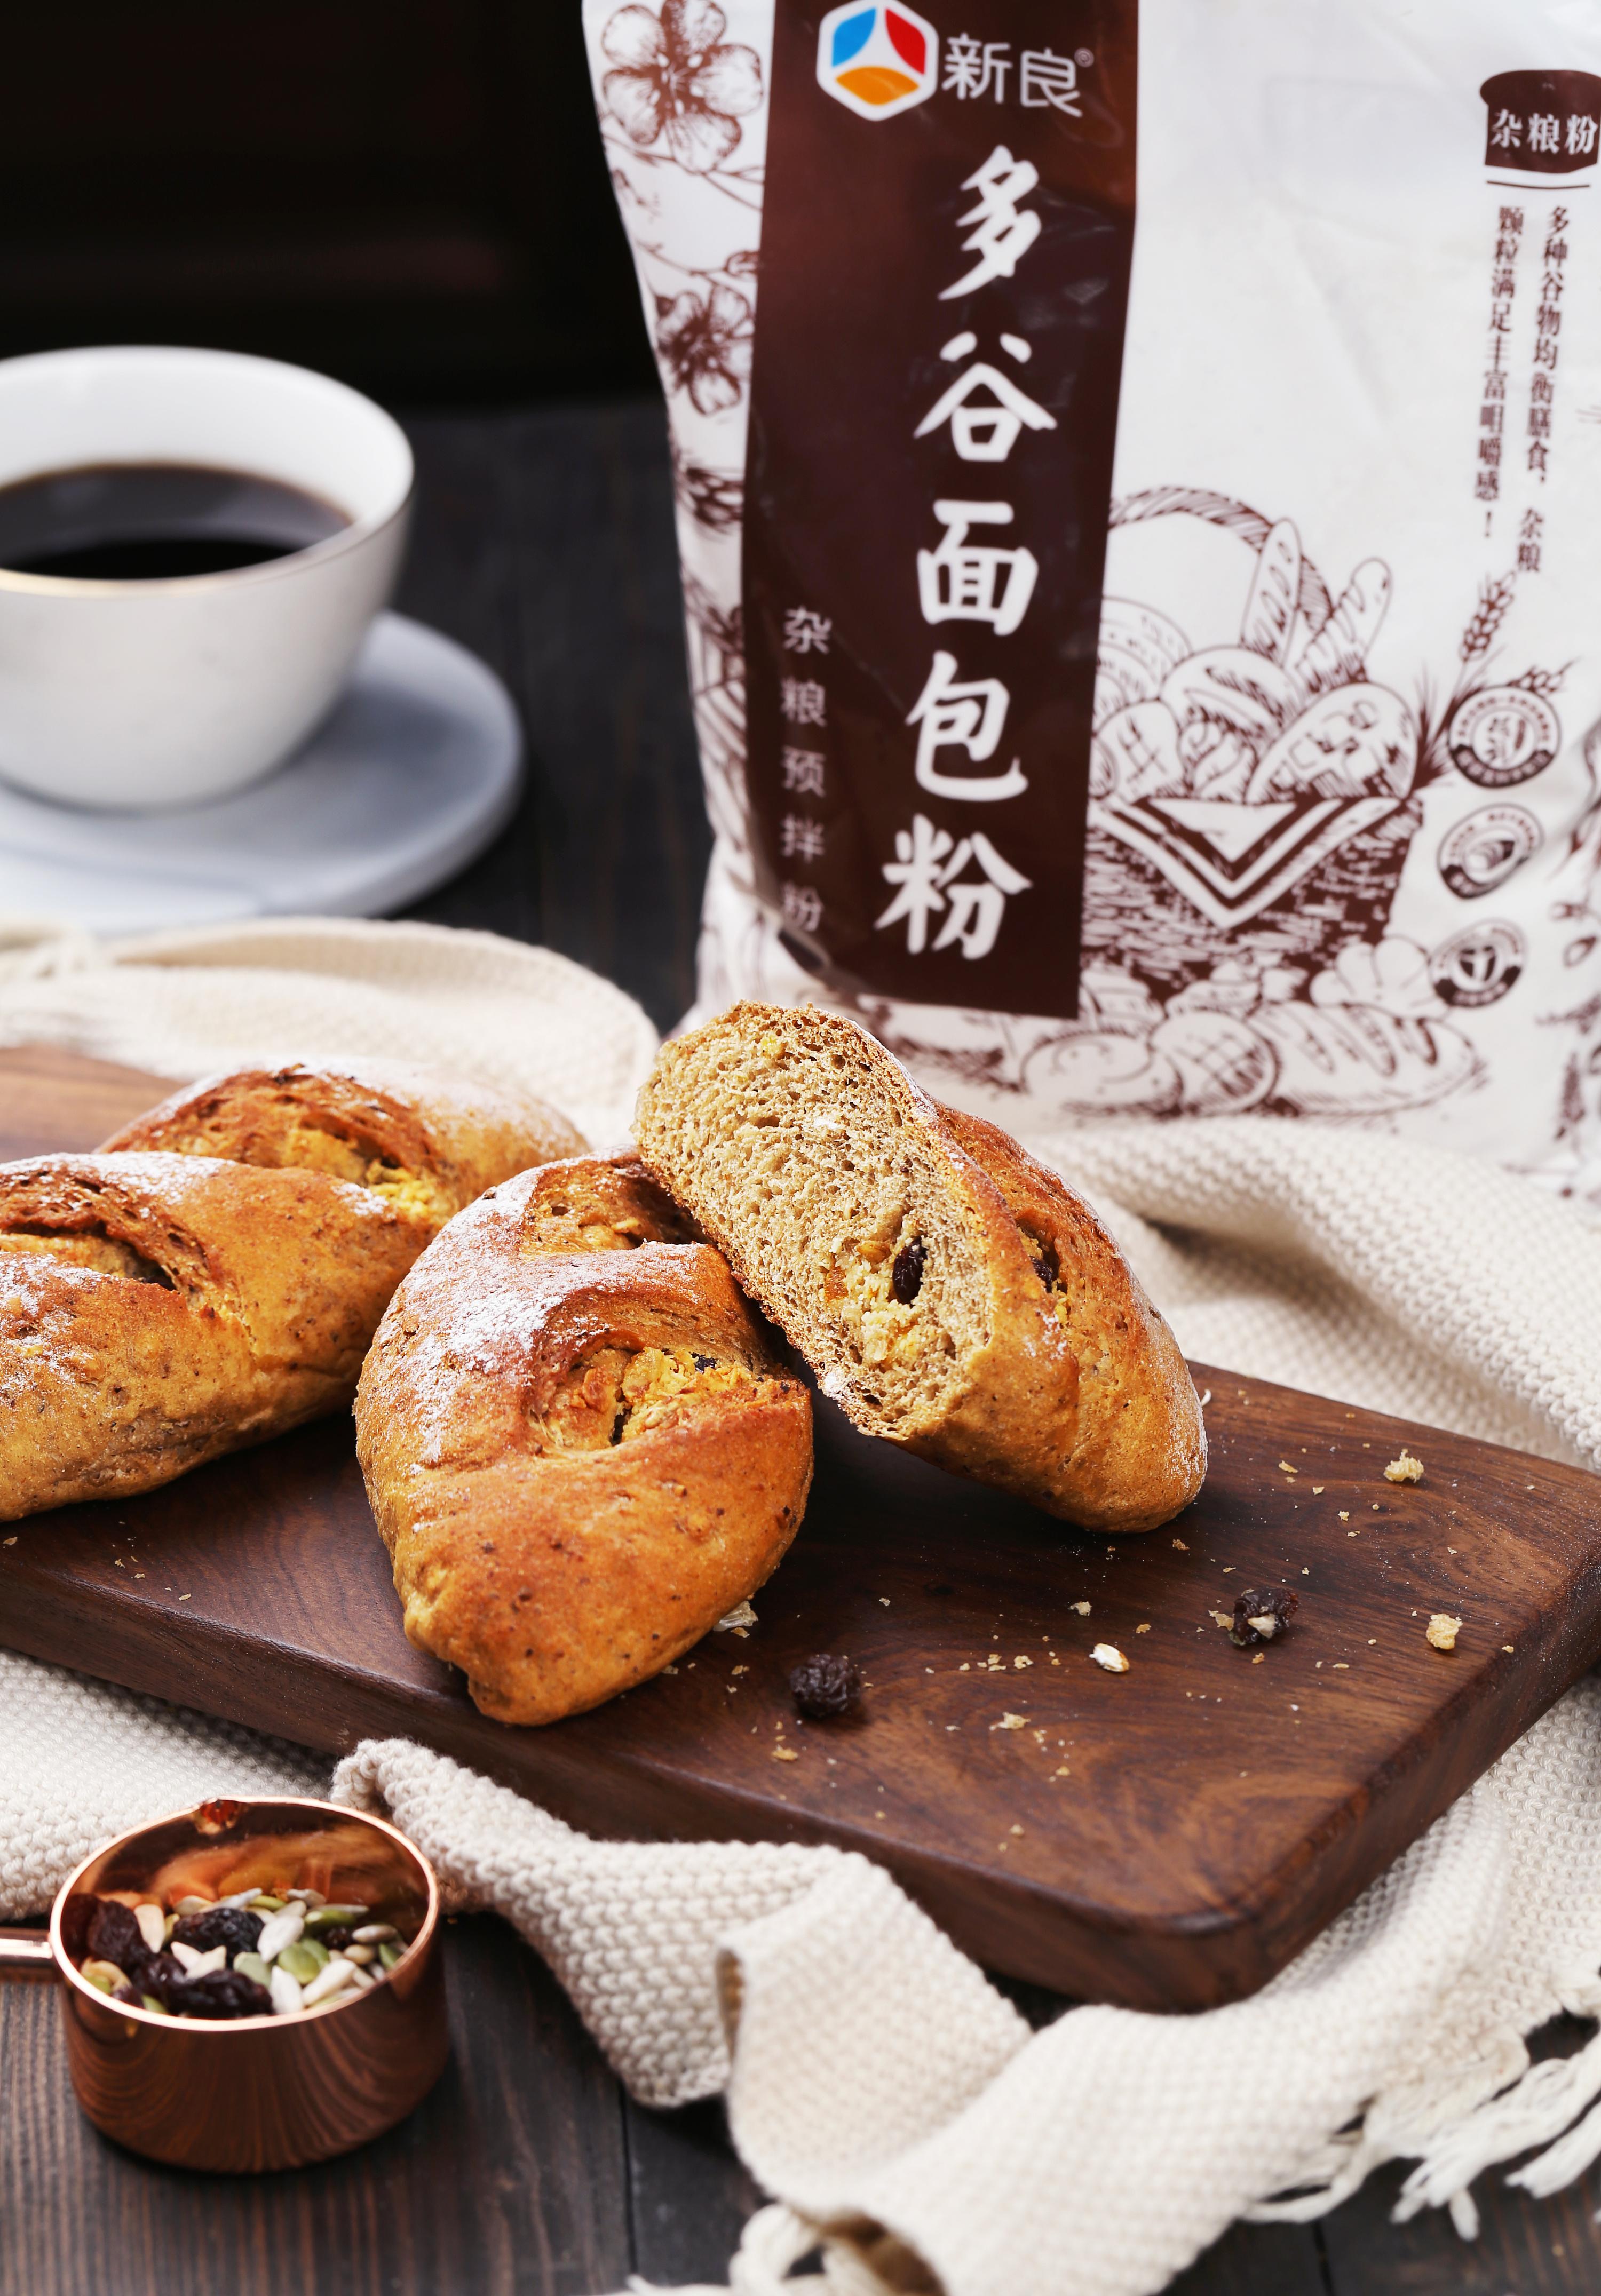 上古世纪谷物面包_上古世纪谷物面包_上古世纪